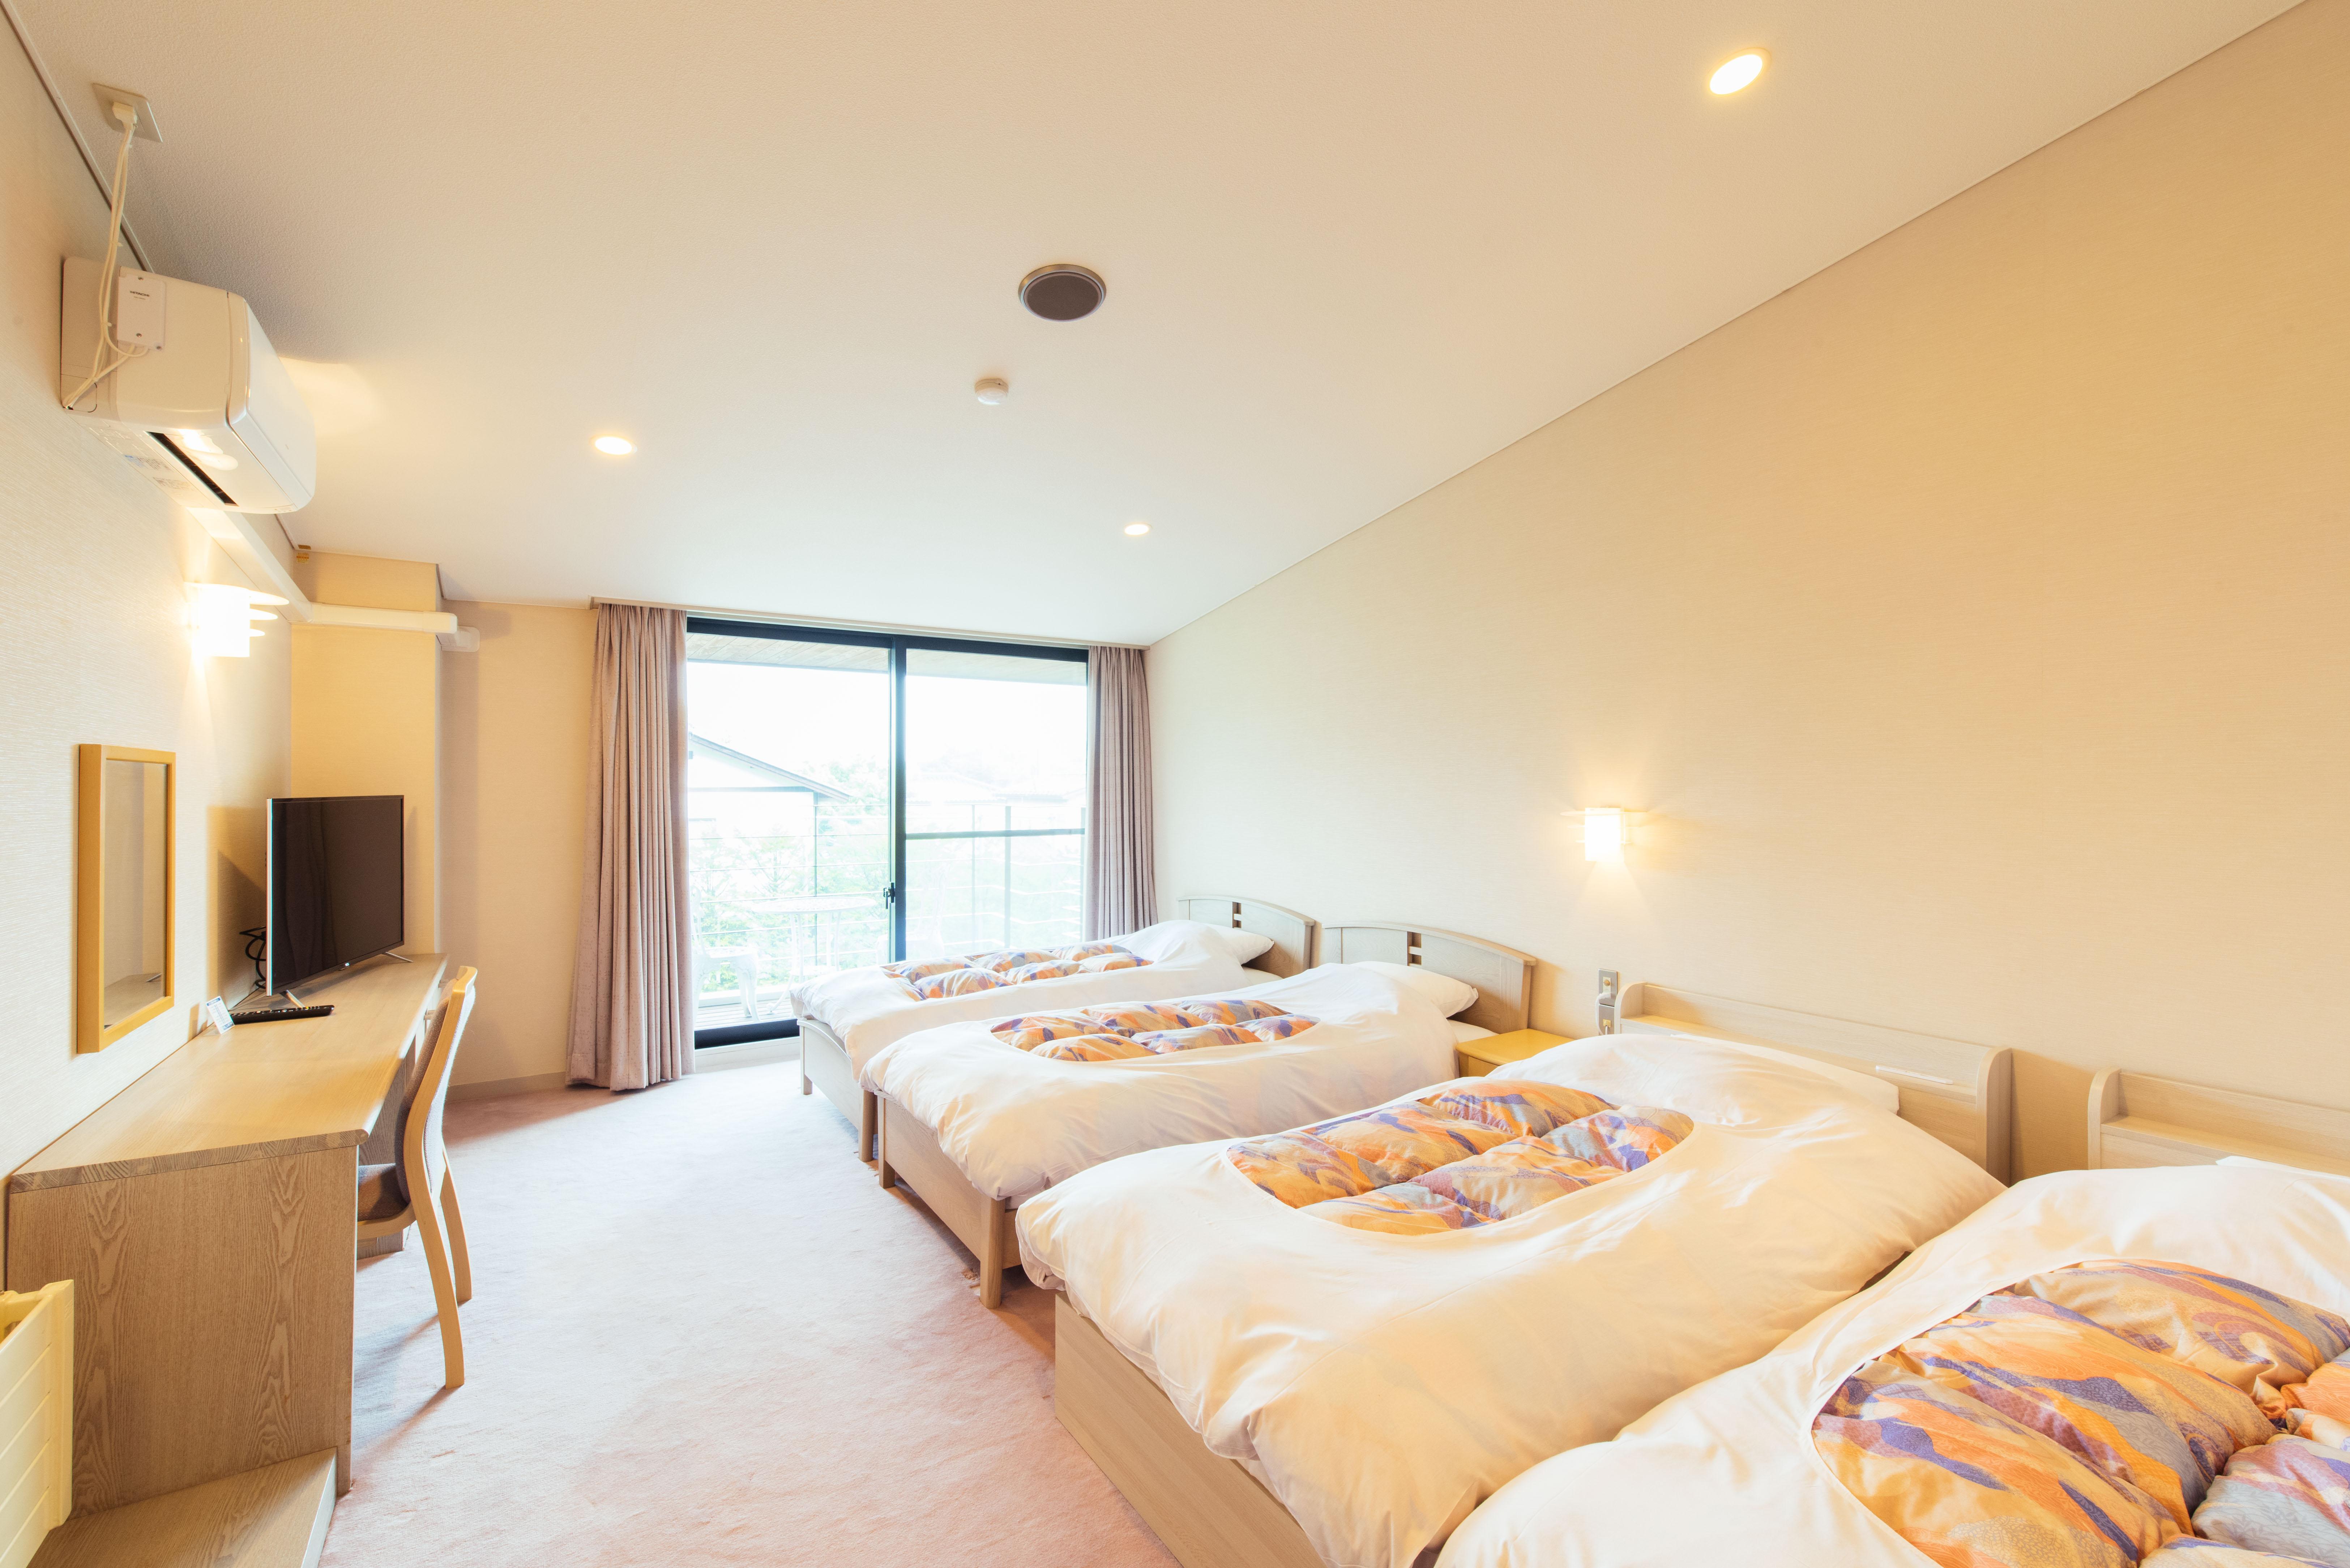 """西式房間(1~4人)《所有房間配備免費Wi-Fi》是朝南明亮的房間。最多可以住4名客人,可以和家人或朋友壹起使用。西式床鋪遊刃有余得安放在16.5平方米的空間,讓每位客人都能舒適享受。※附帶洗手間洗臉臺,配有洗漱用品(毛巾、浴巾、牙刷) 被褥為自助服務/無電梯(大浴場在2樓)連鎖店""""Ikoi山莊""""的大浴場也可使用。"""